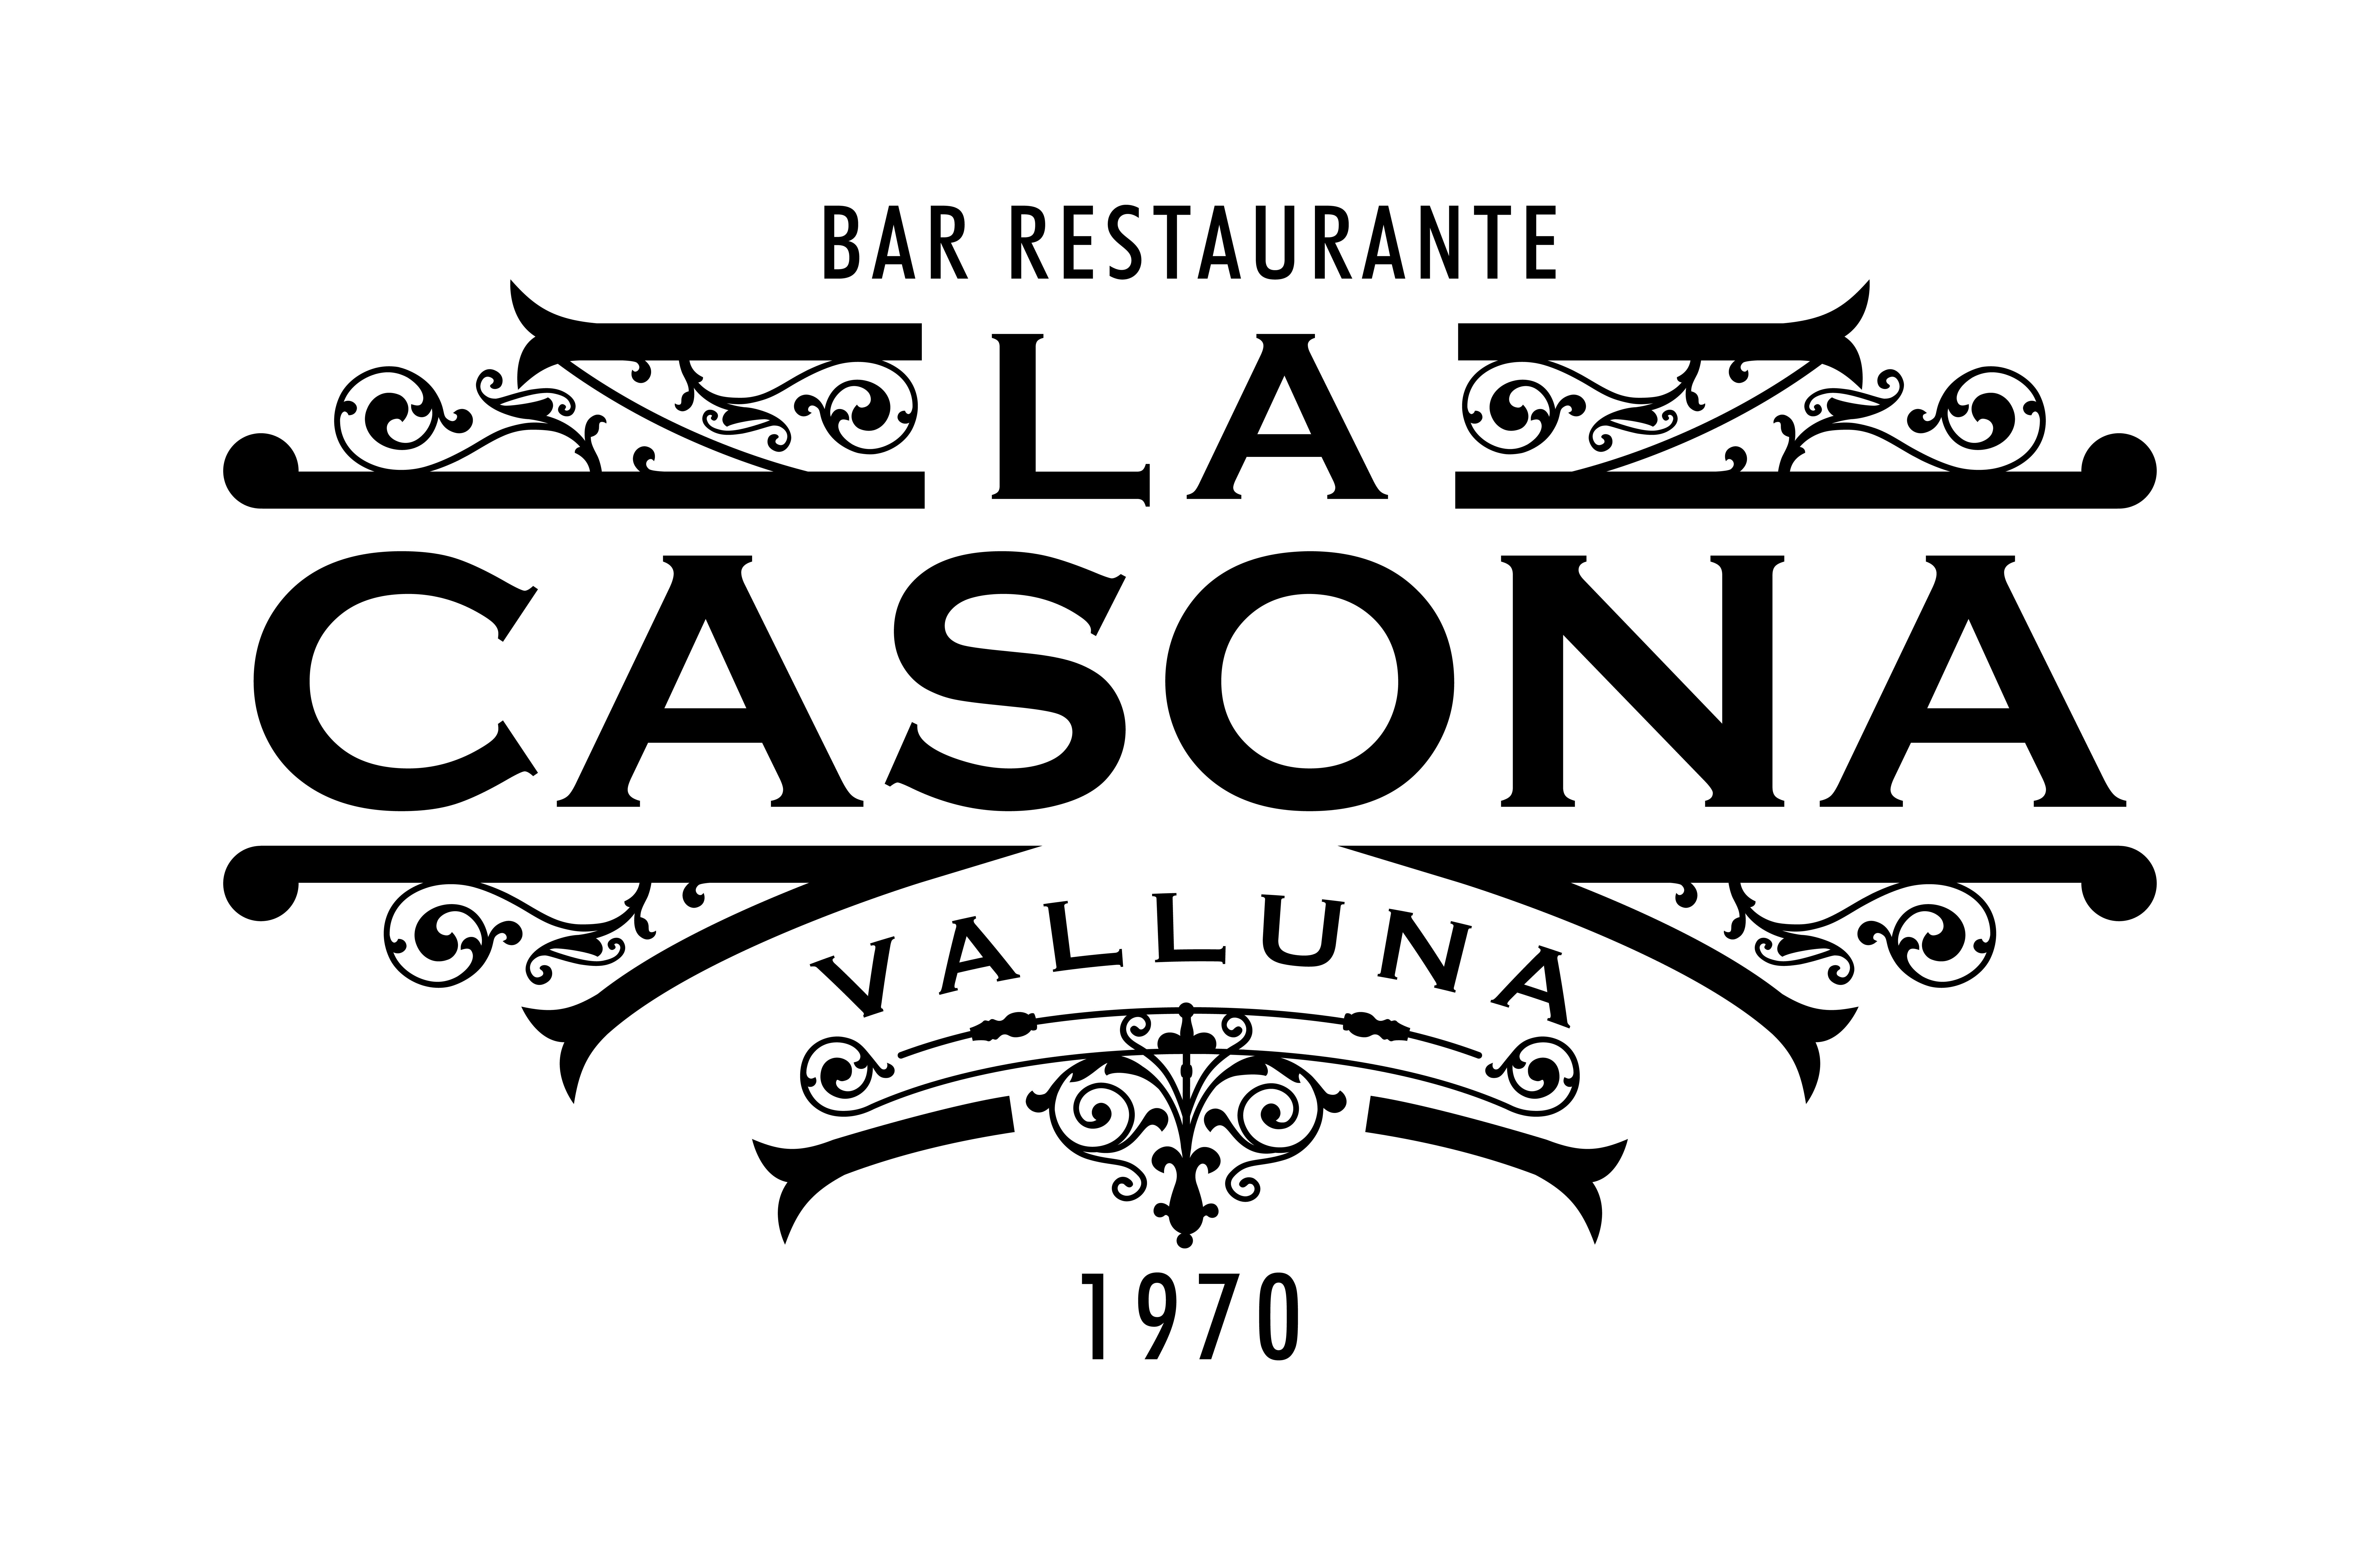 La Casona Valluna